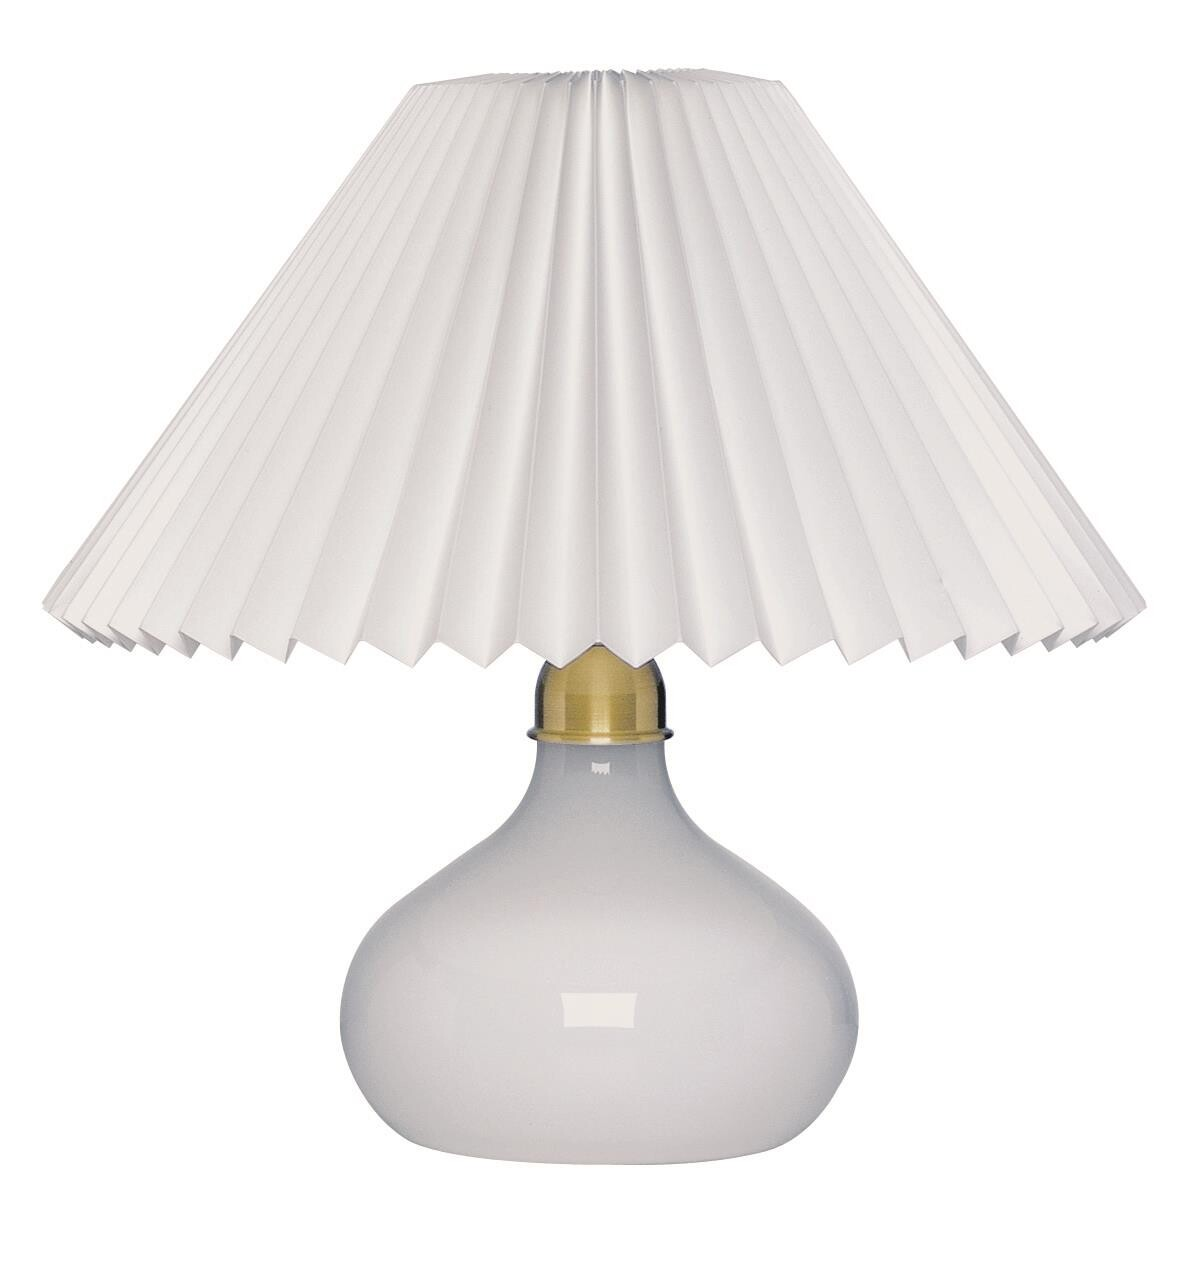 Le Klint 314 Messing Bordlampe - Le Klint